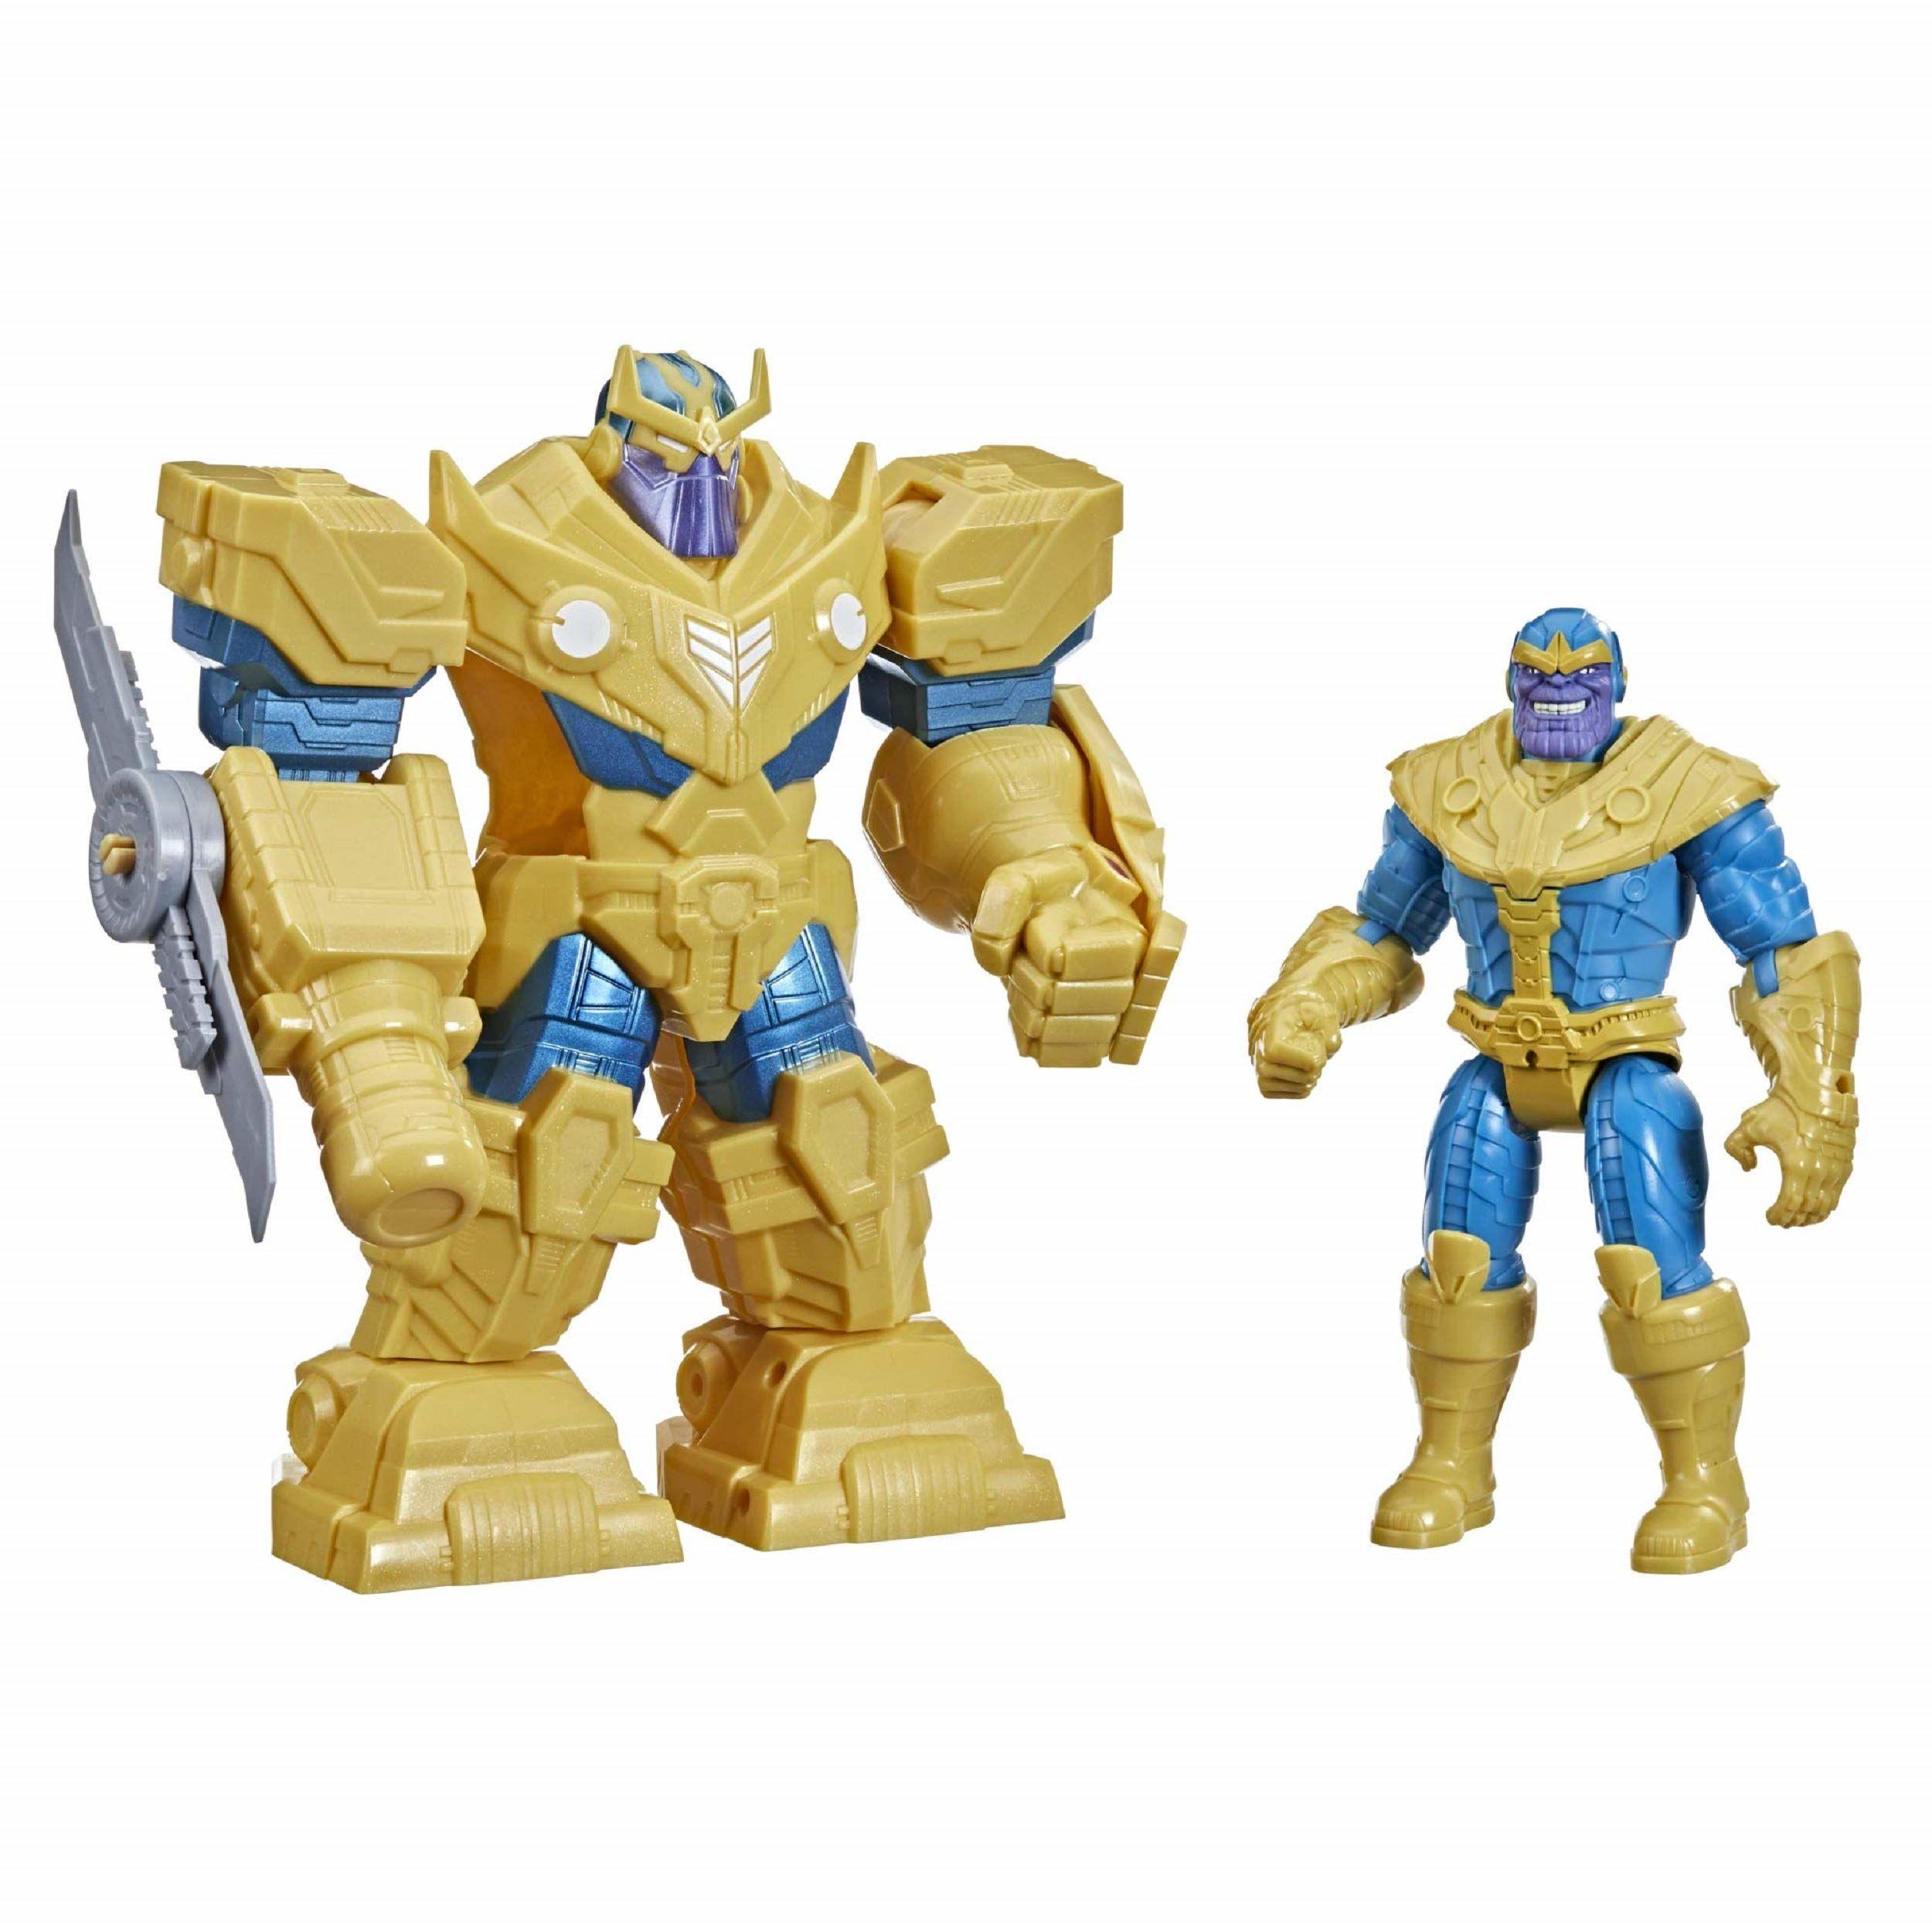 AVENGERS Mech Stke Mega Zestaw Thanos F0264